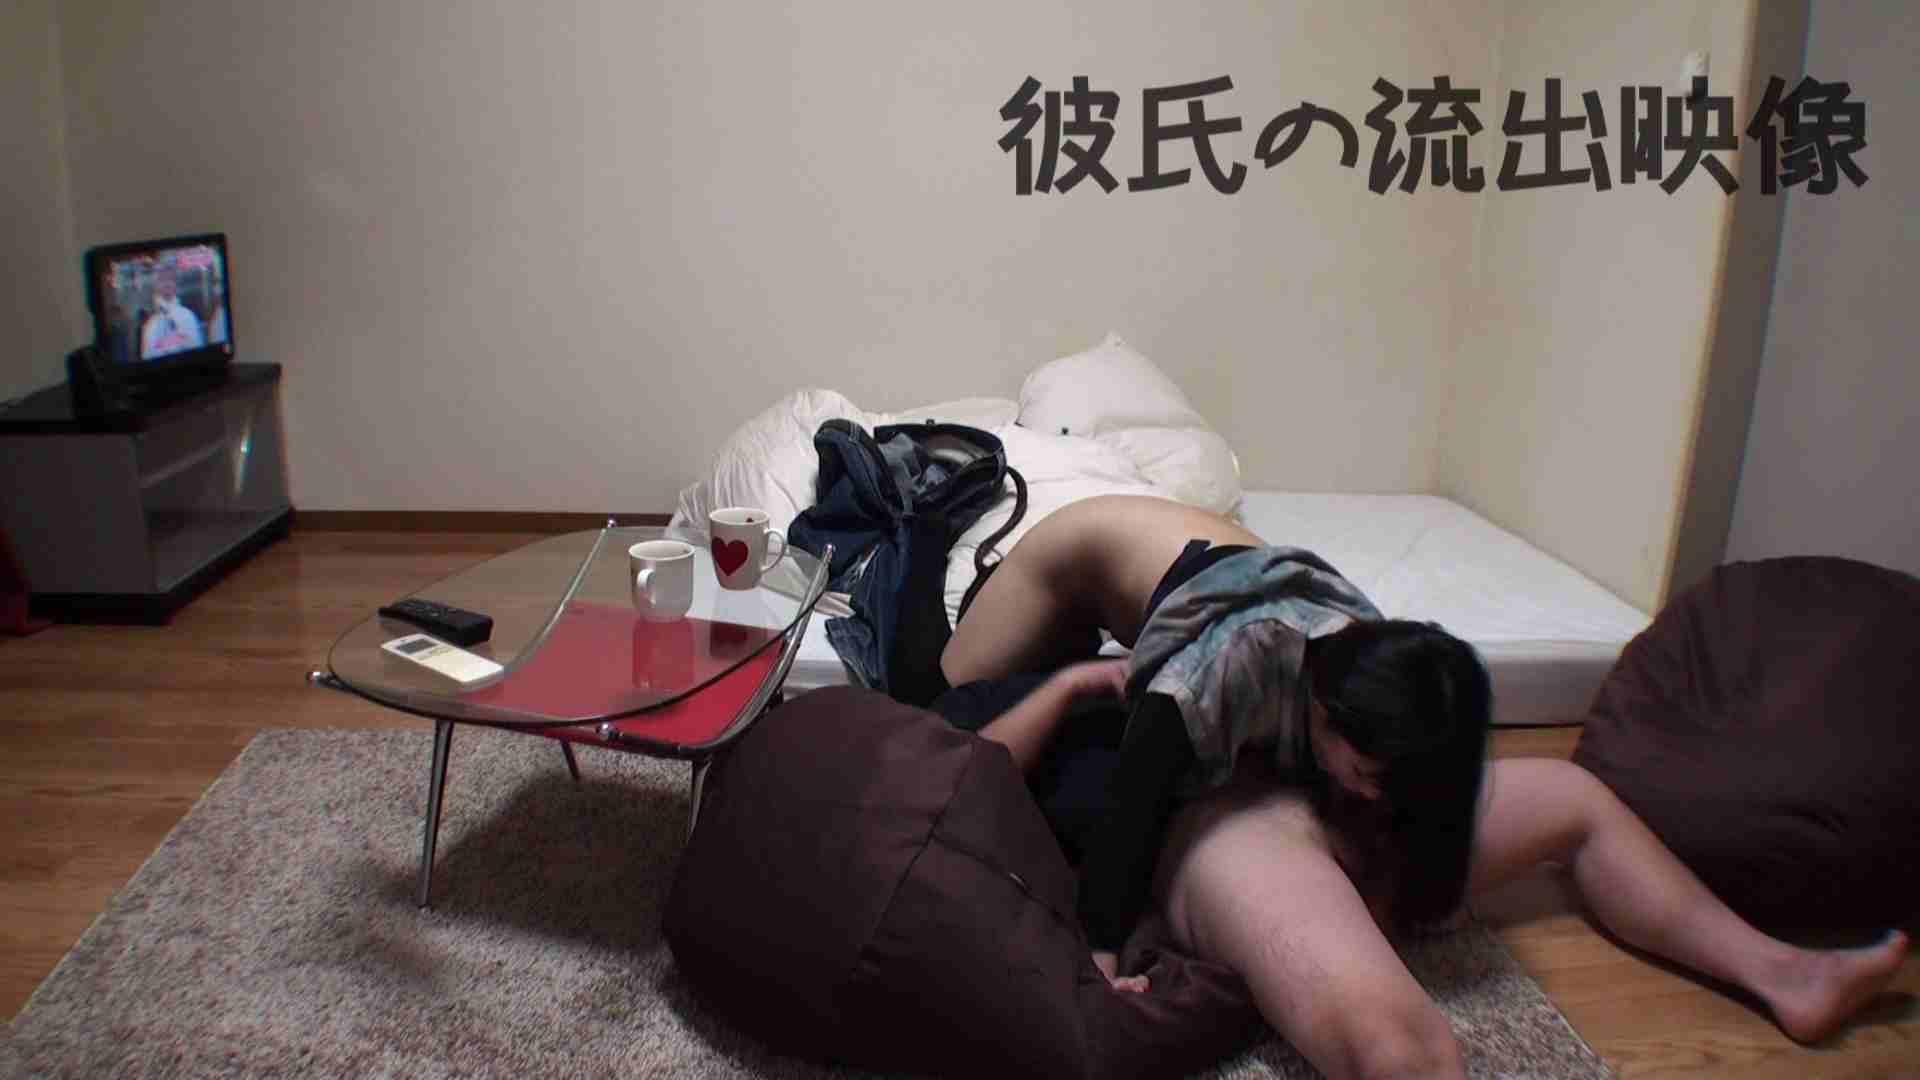 彼氏が流出 パイパン素人嬢のハメ撮り映像02 フェラ エロ画像 95枚 62